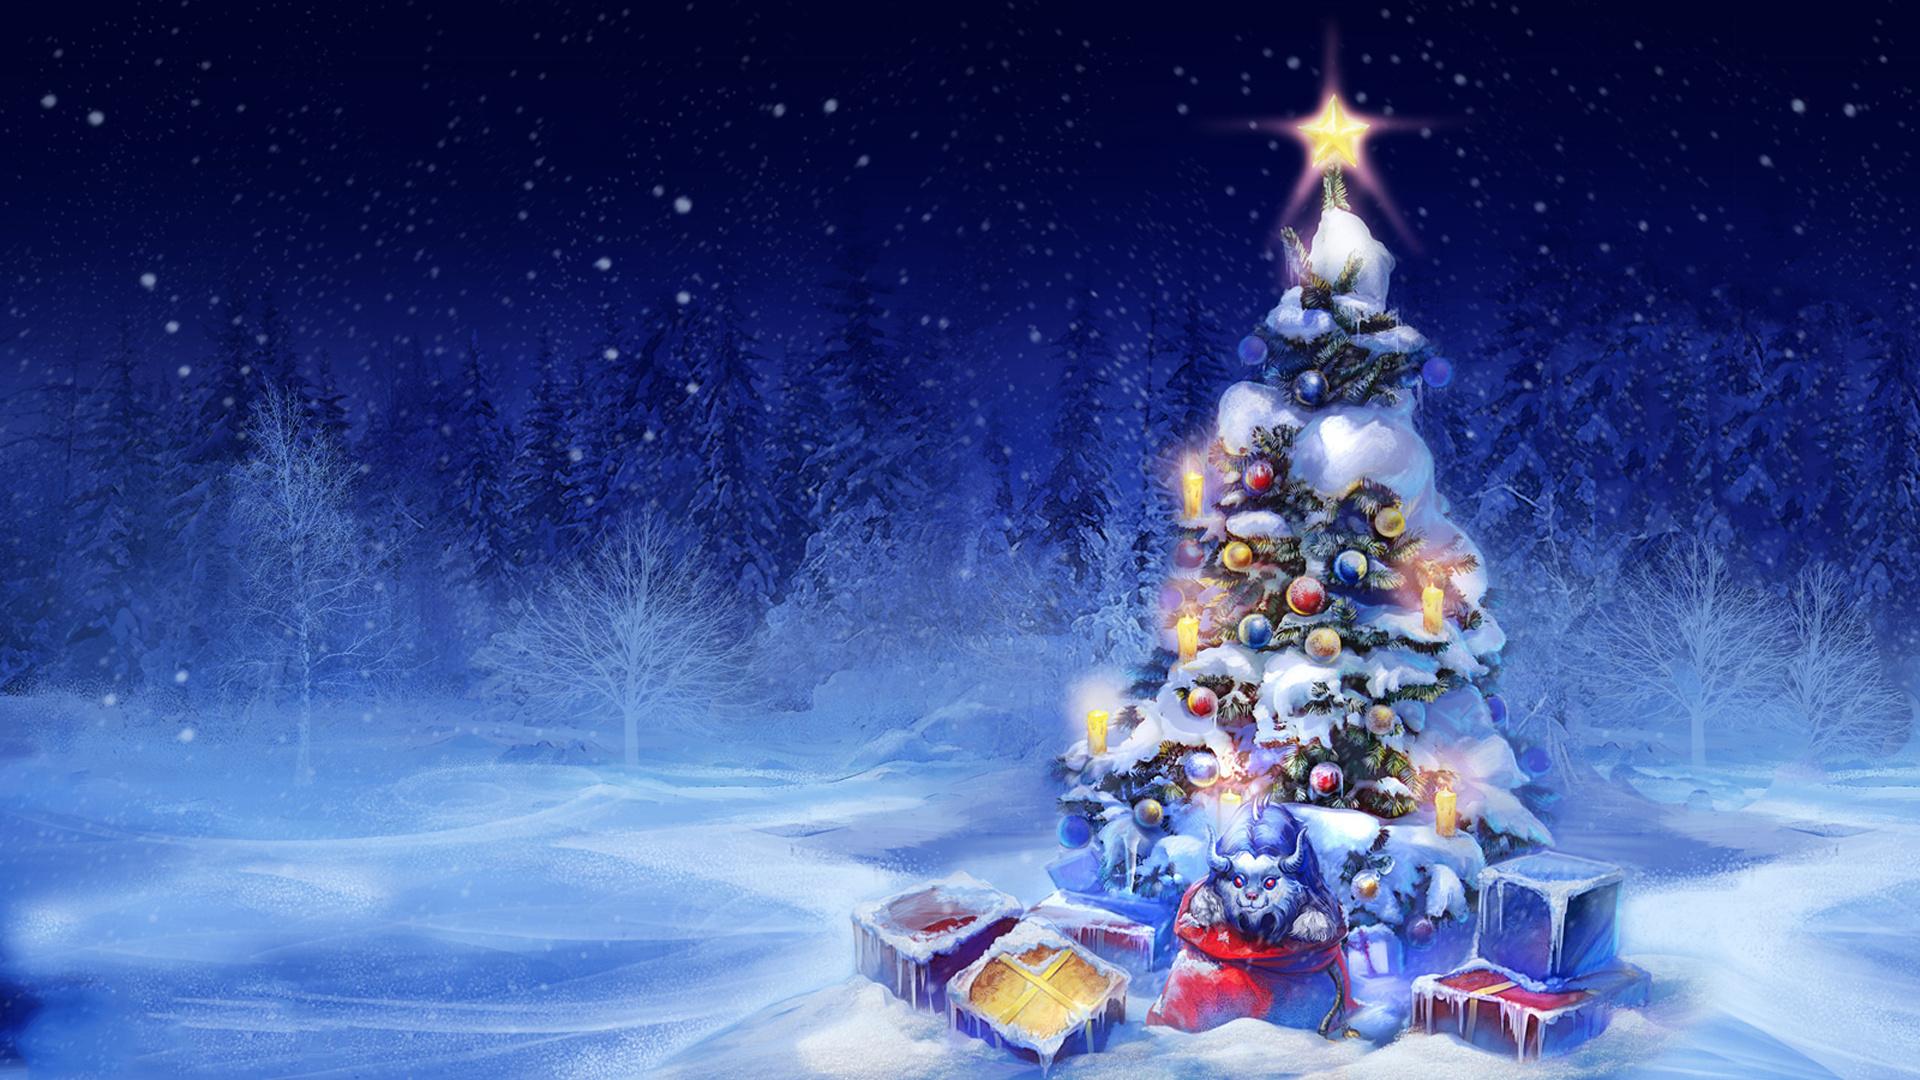 Днем рождения, елки картинки на новый год